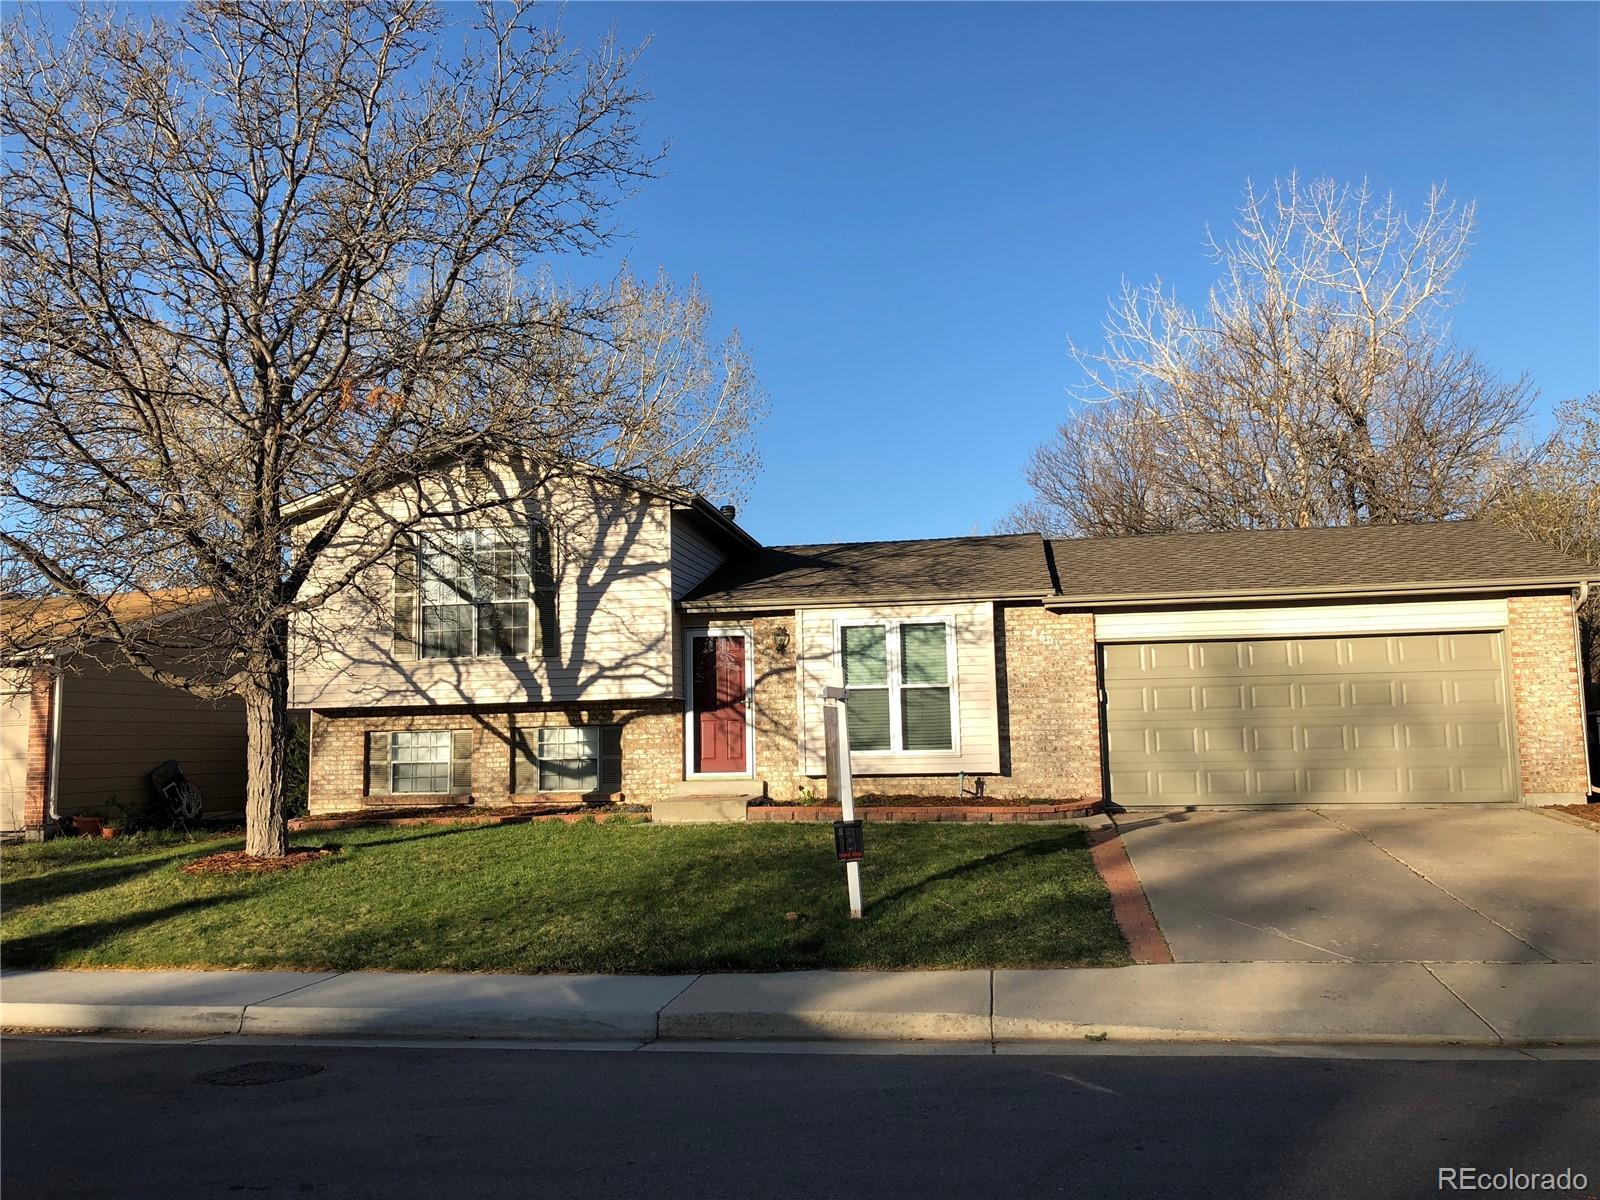 8601 S Estes Street photo